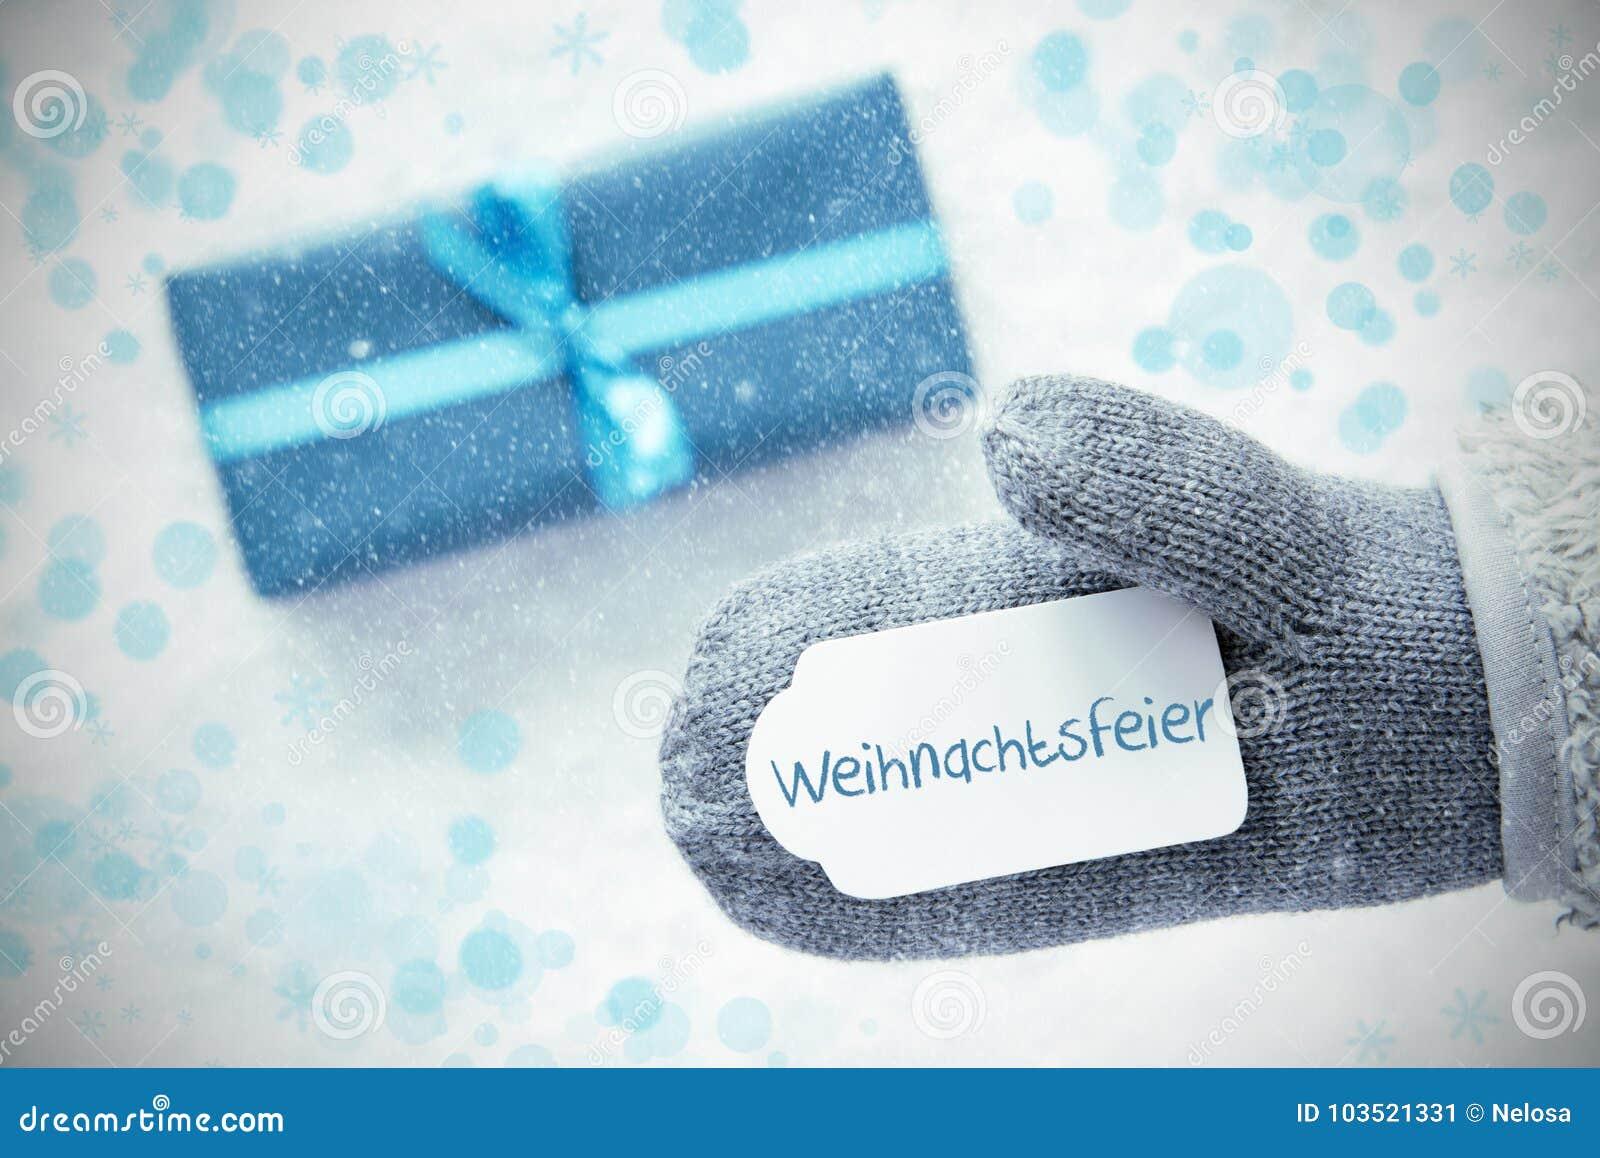 Подарок бирюзы, перчатка, Weihnachtsfeier значит рождественскую вечеринку, снежинки